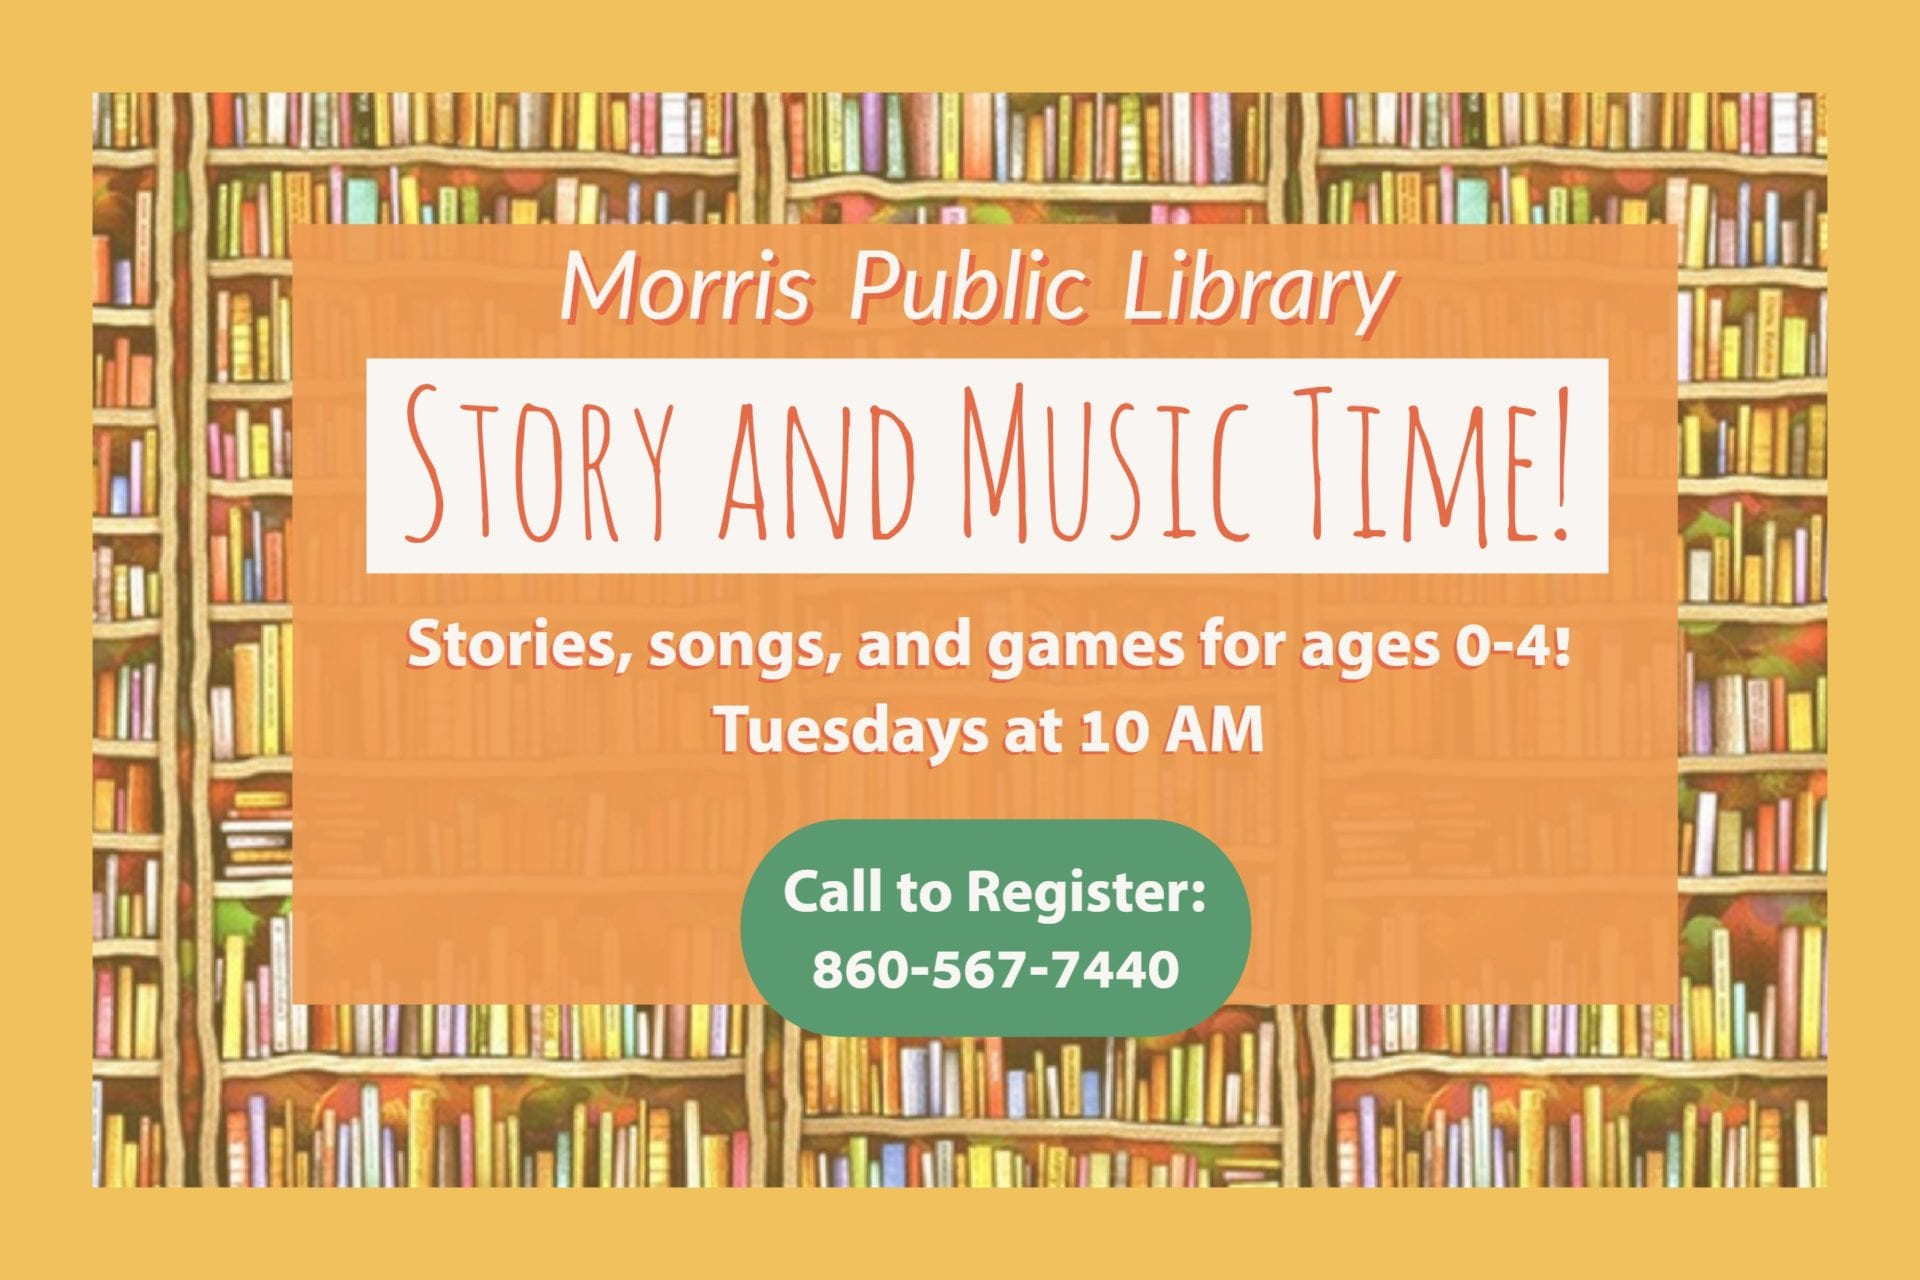 Morris Public Library